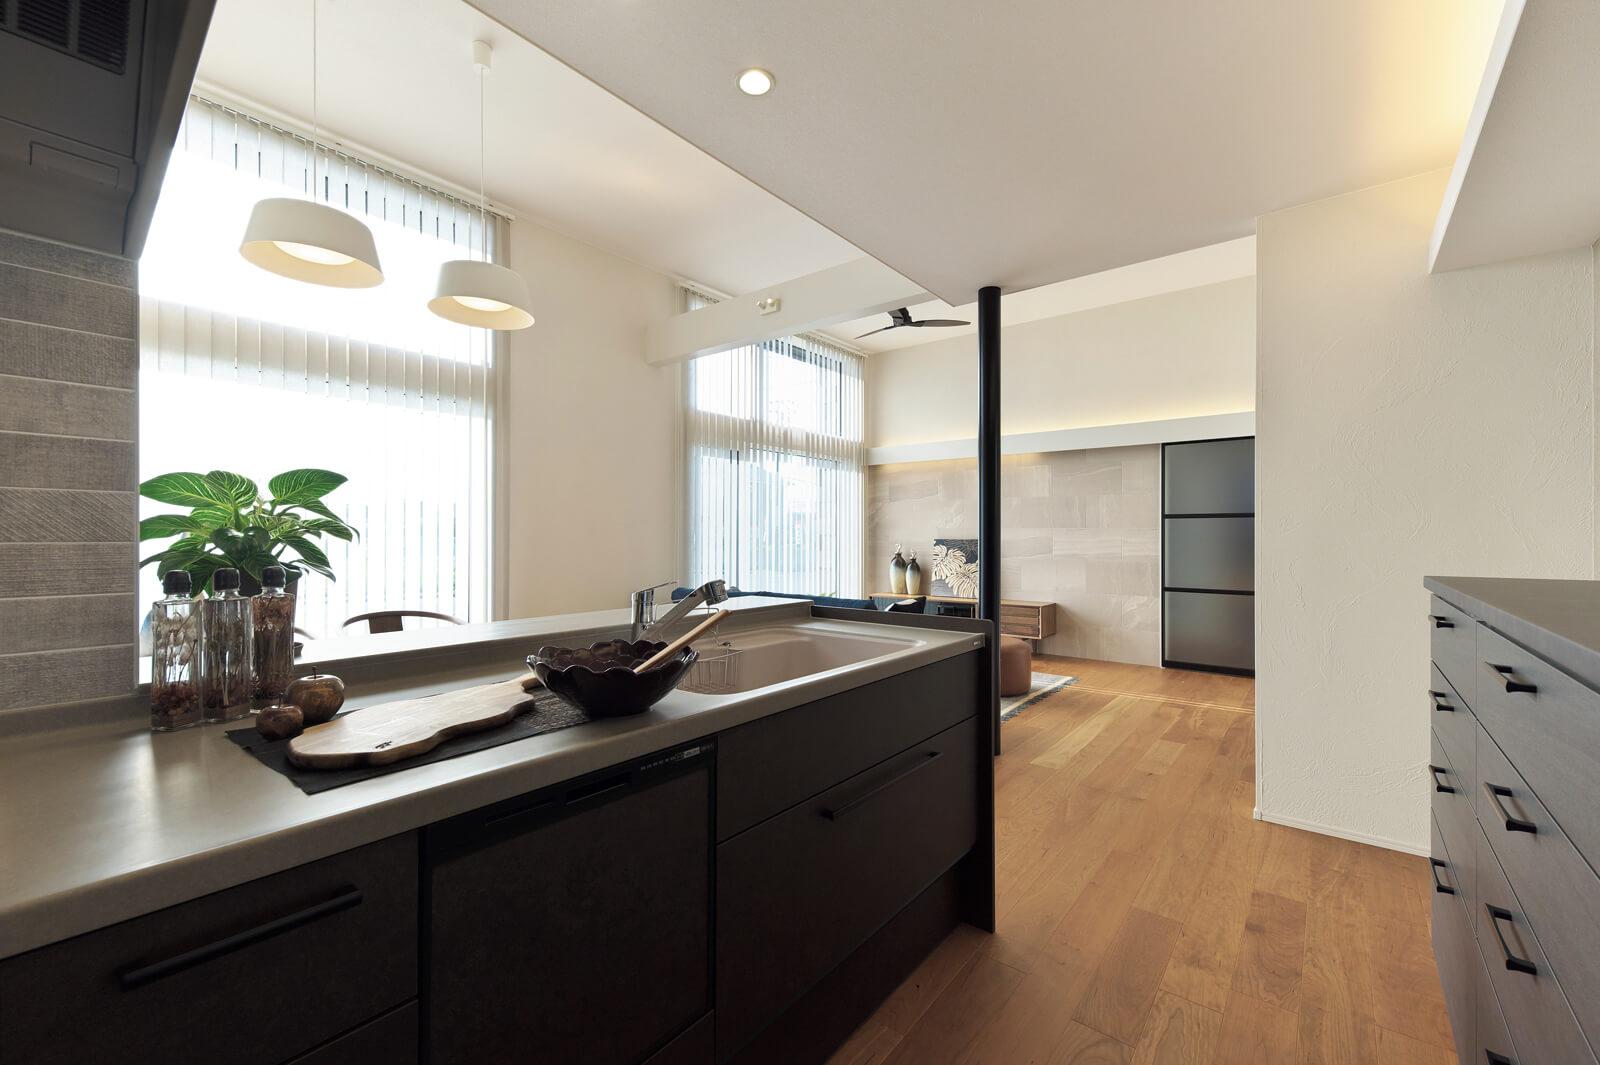 グレートーンで統一されたキッチン。ワークトップには強く美しい人造大理石を使用。思わず触りたくなる滑らかな質感と高い耐久性が魅力